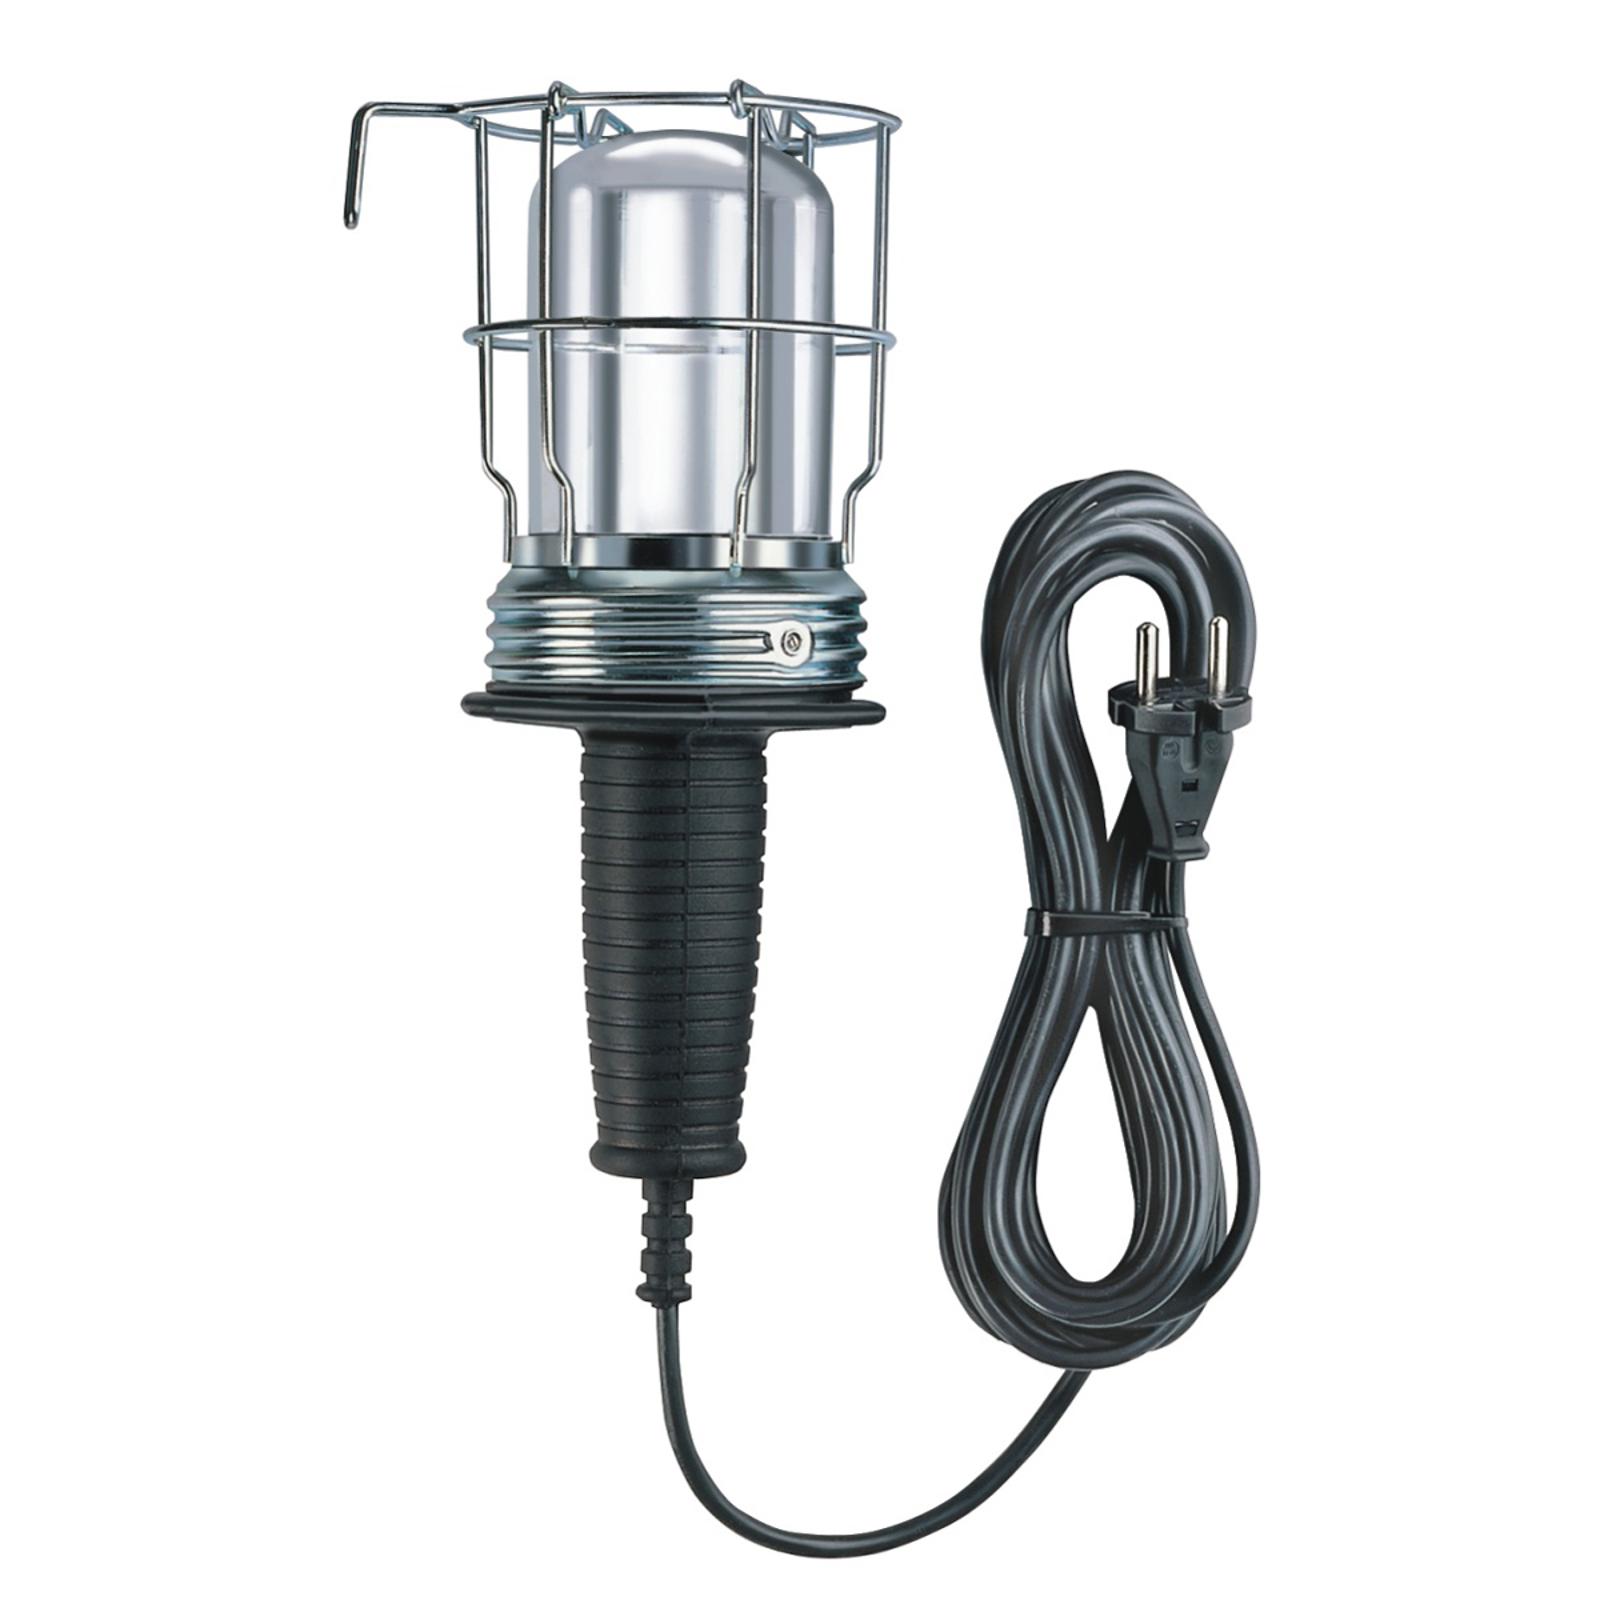 Rubberen handlamp RUBBER 2